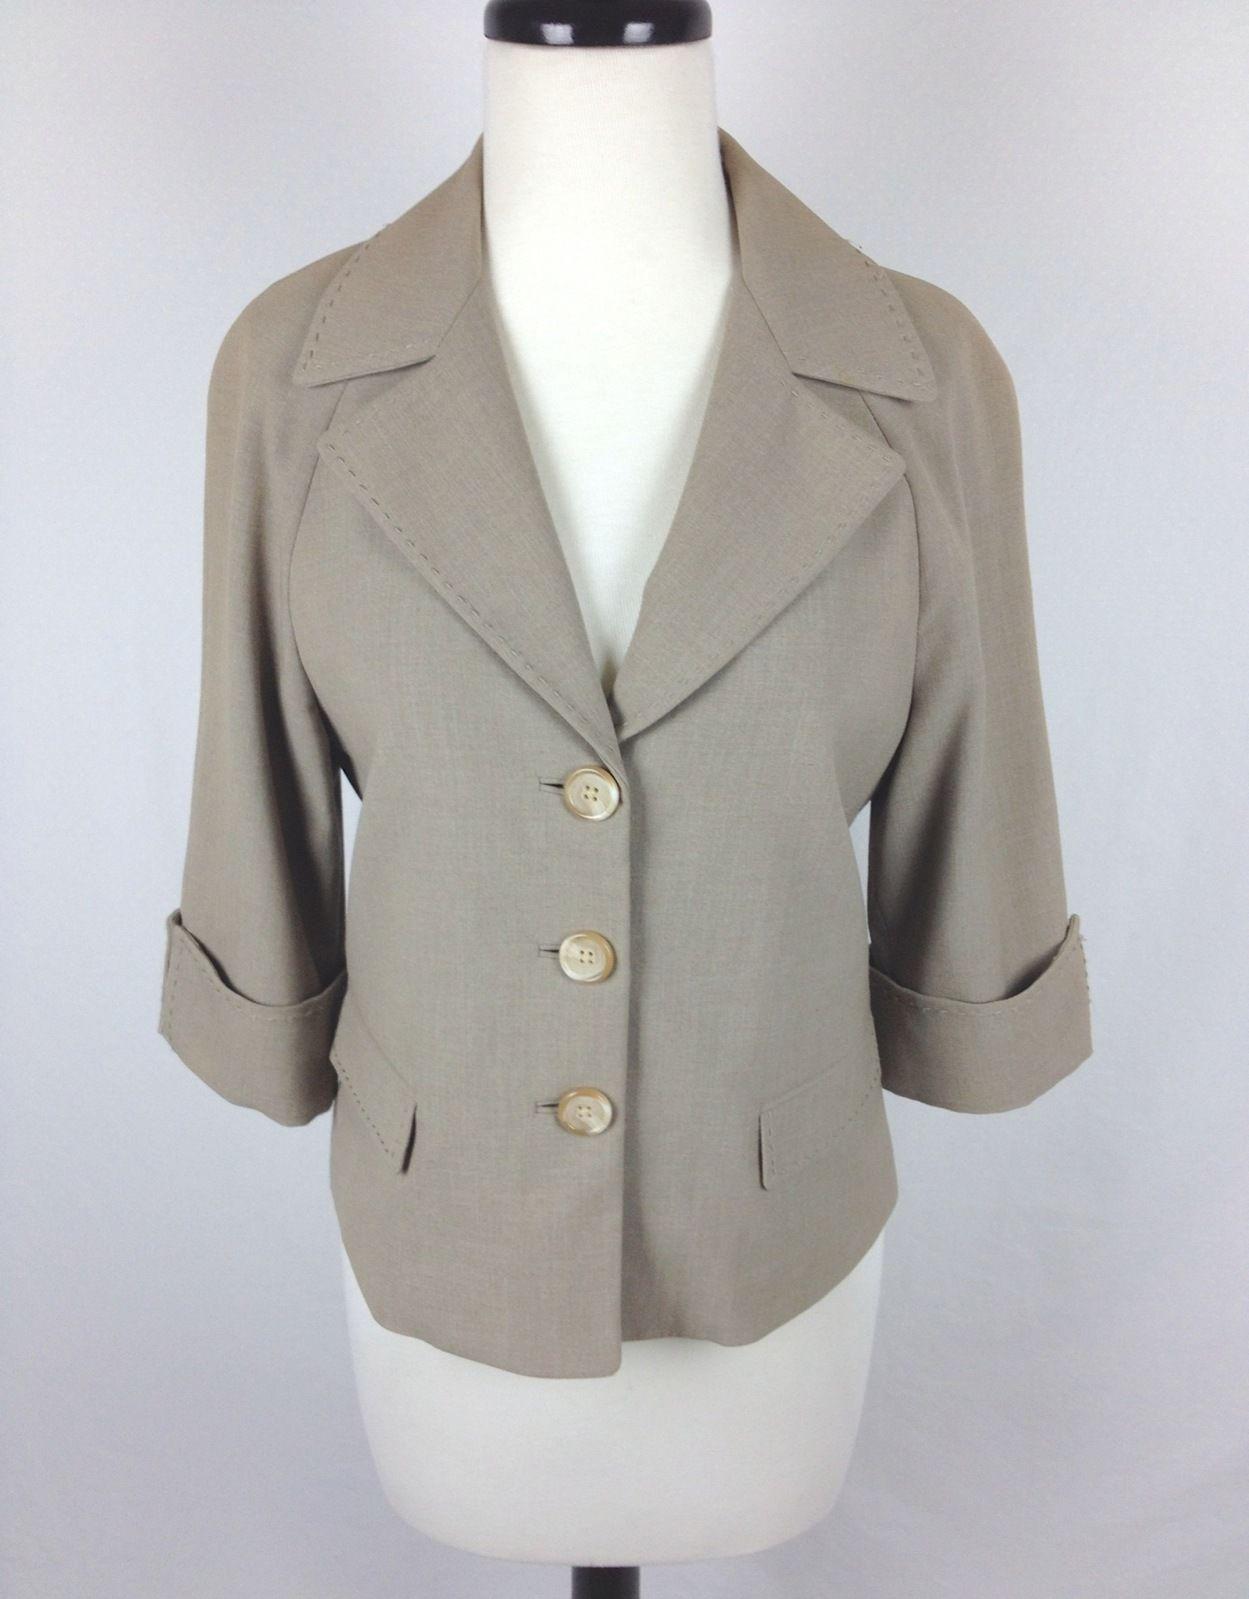 tahari jacket m womens beige cotton shrug for sale item. Black Bedroom Furniture Sets. Home Design Ideas